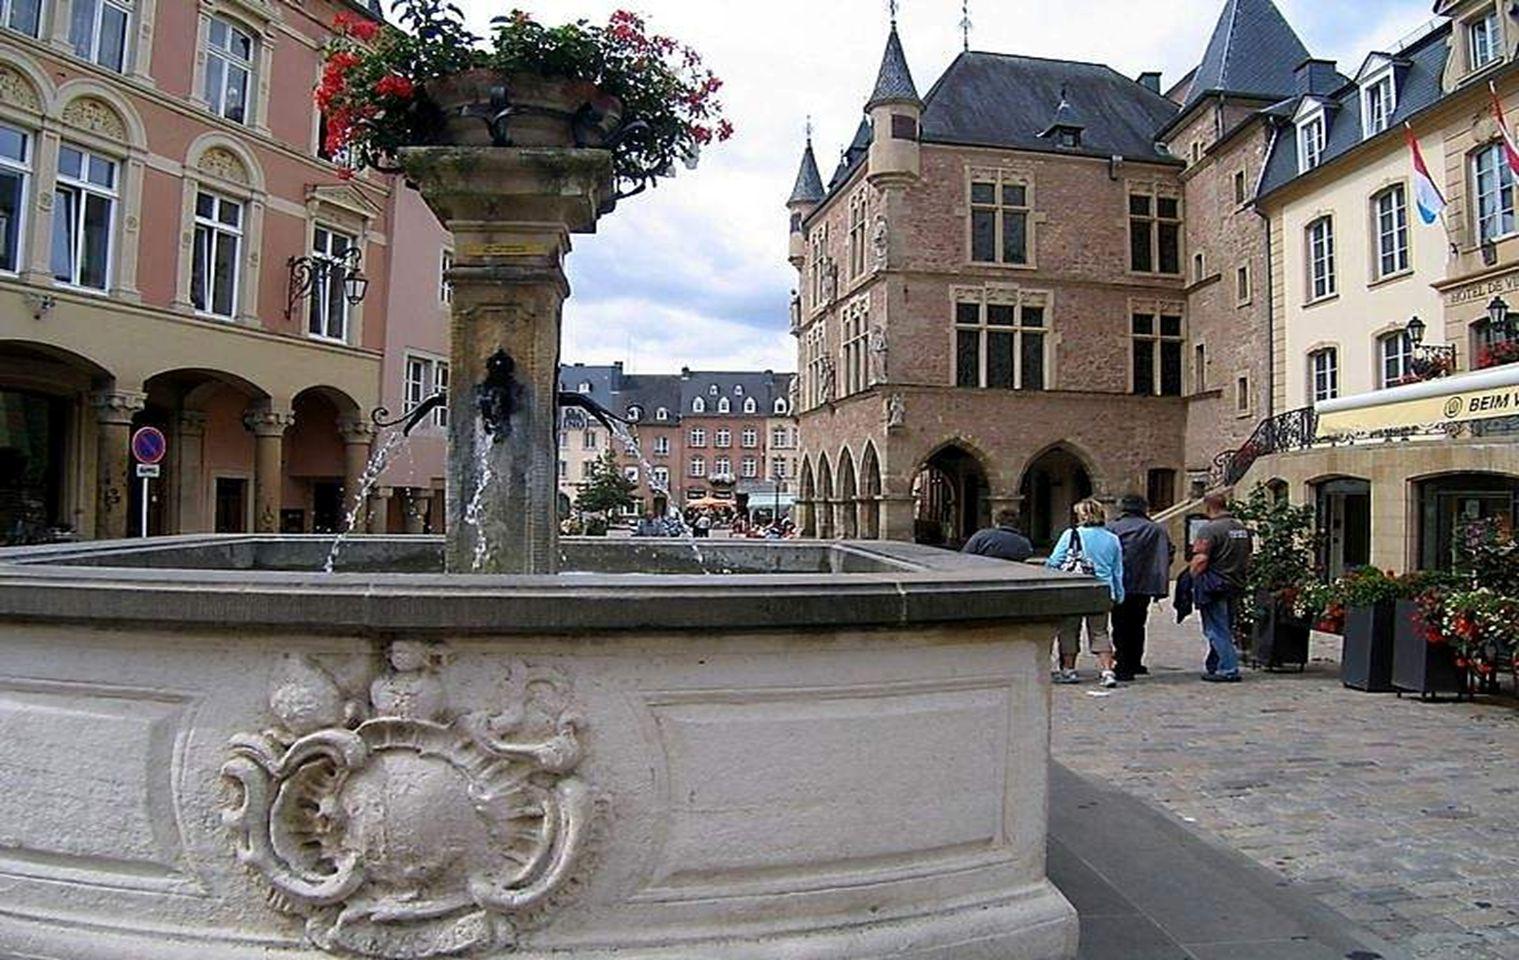 Pero además de su hermosa capital, Luxemburgo tiene otros maravillosos destinos turísticos, como lo es la ciudad de Echternach, en la que se puede disfrutar, de un destacado Patrimonio histórico y artístico, rodeado de bosques.